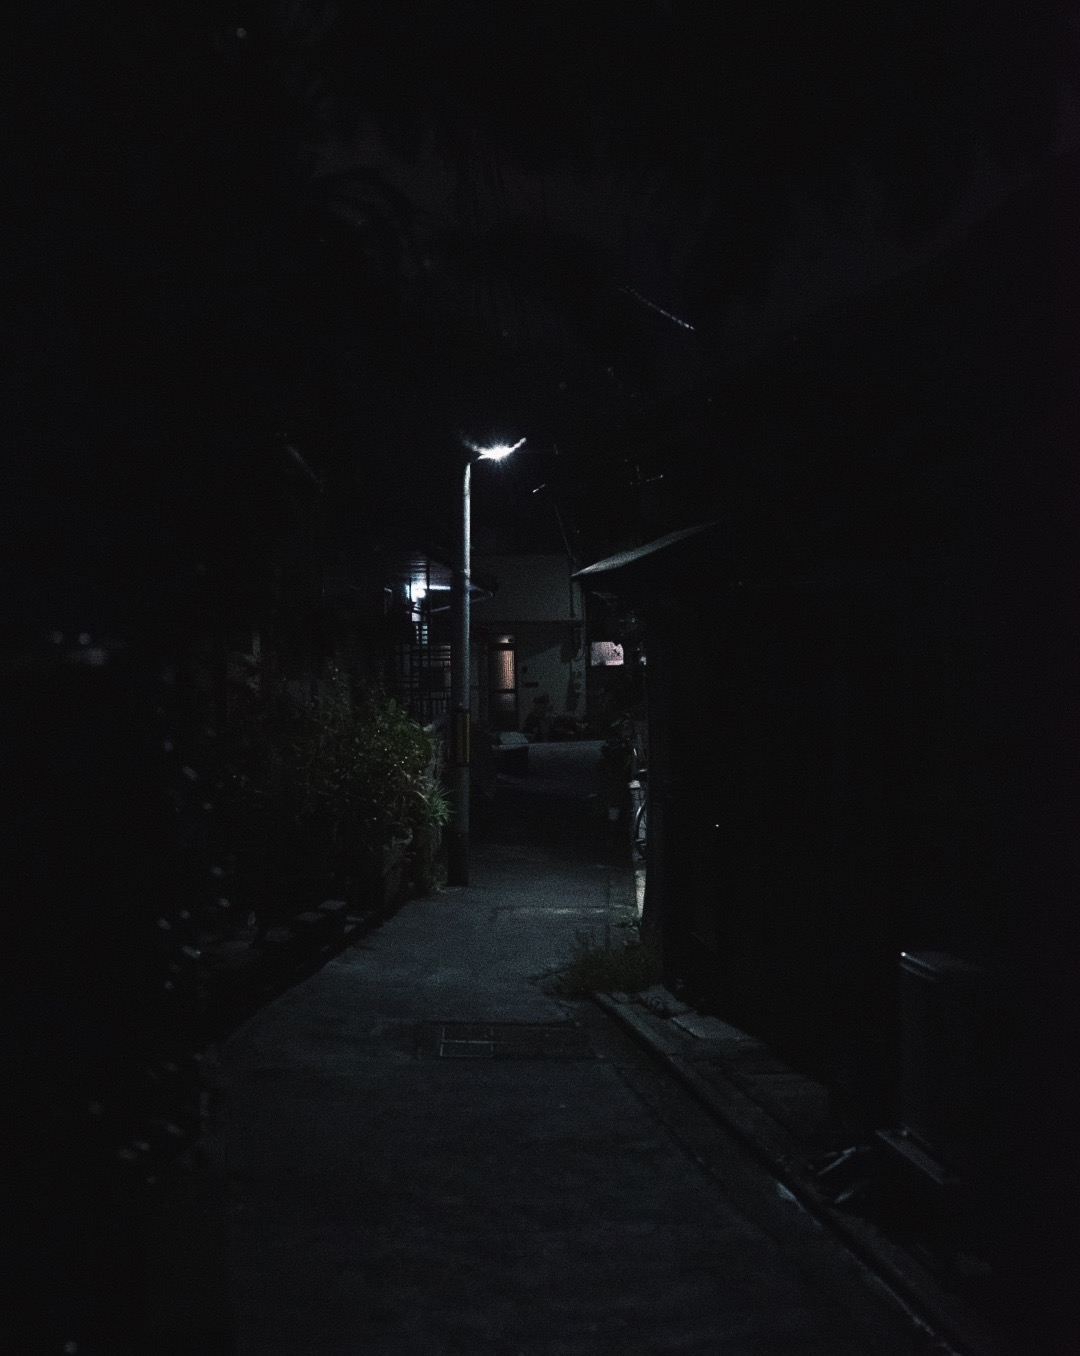 Photo 2017-11-18, 4 28 52 AM.jpg